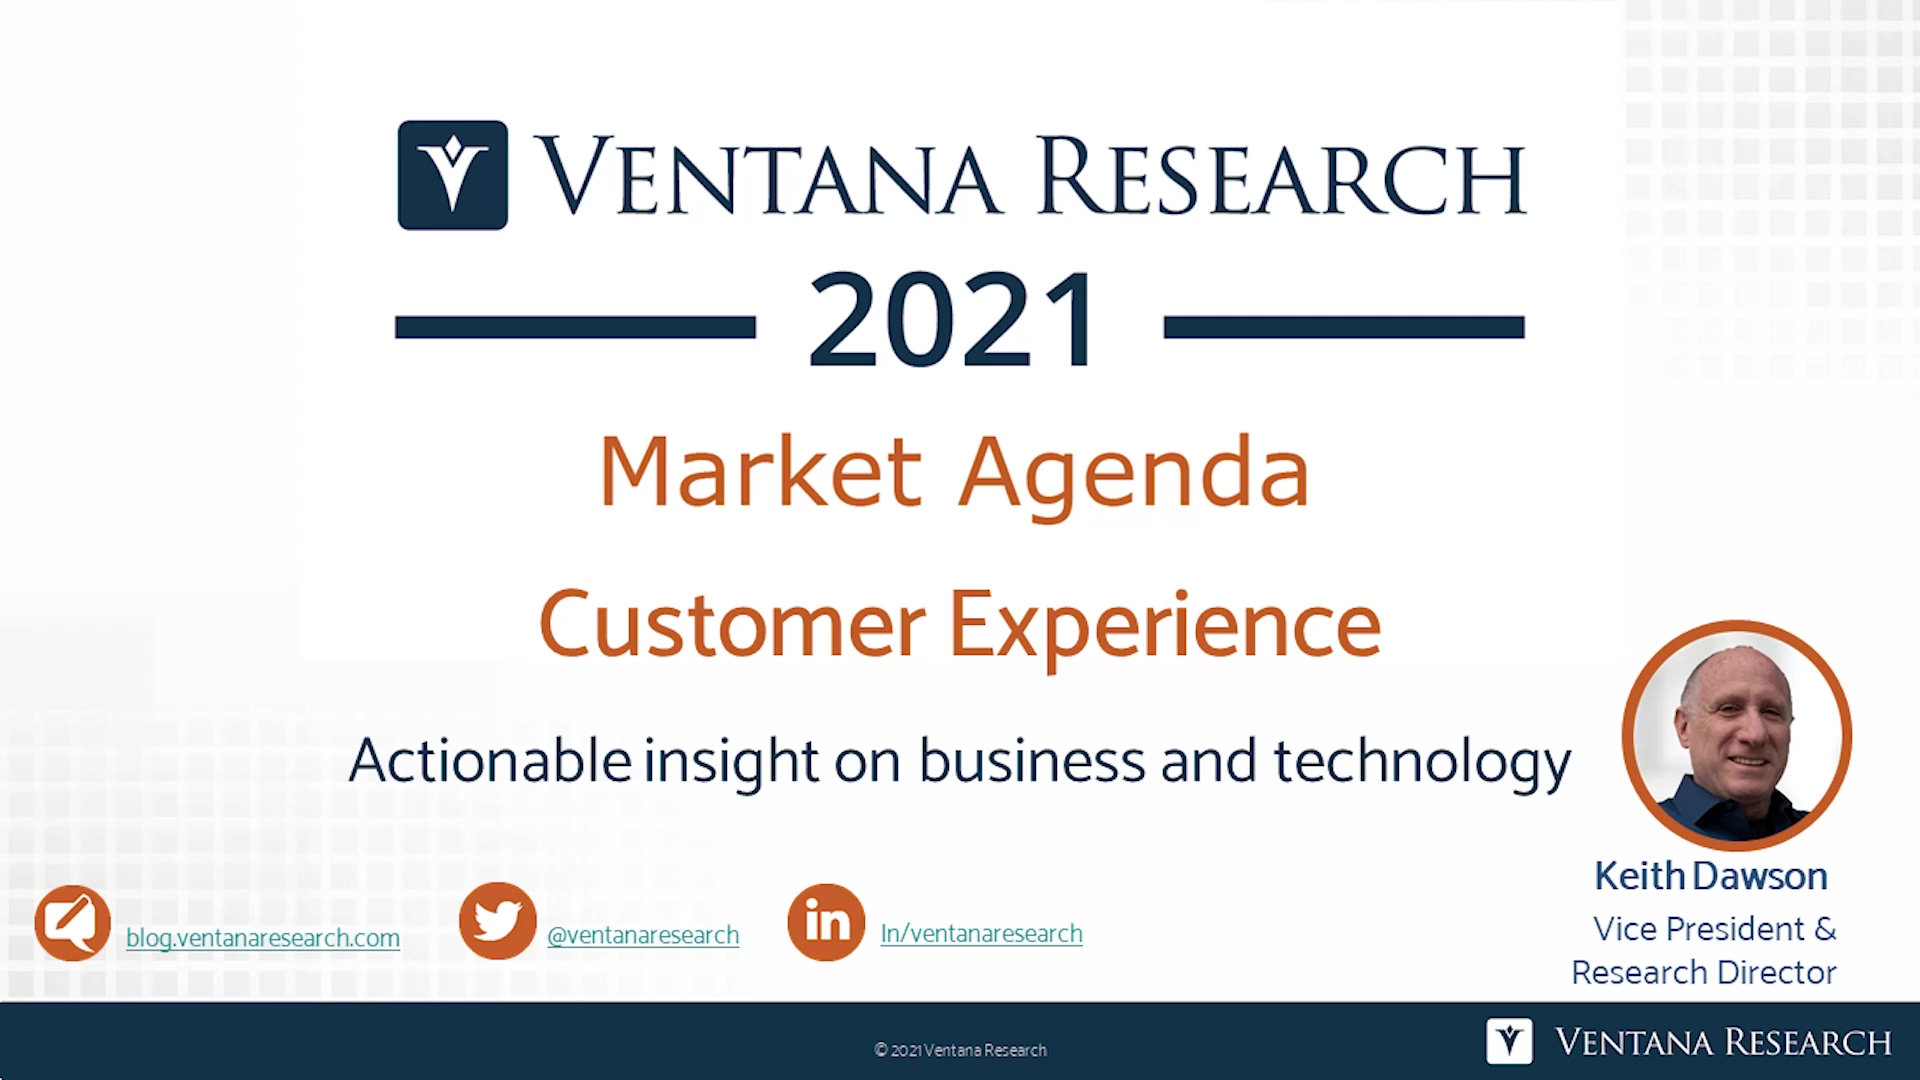 Ventana Research 2021 Market Agenda for CX